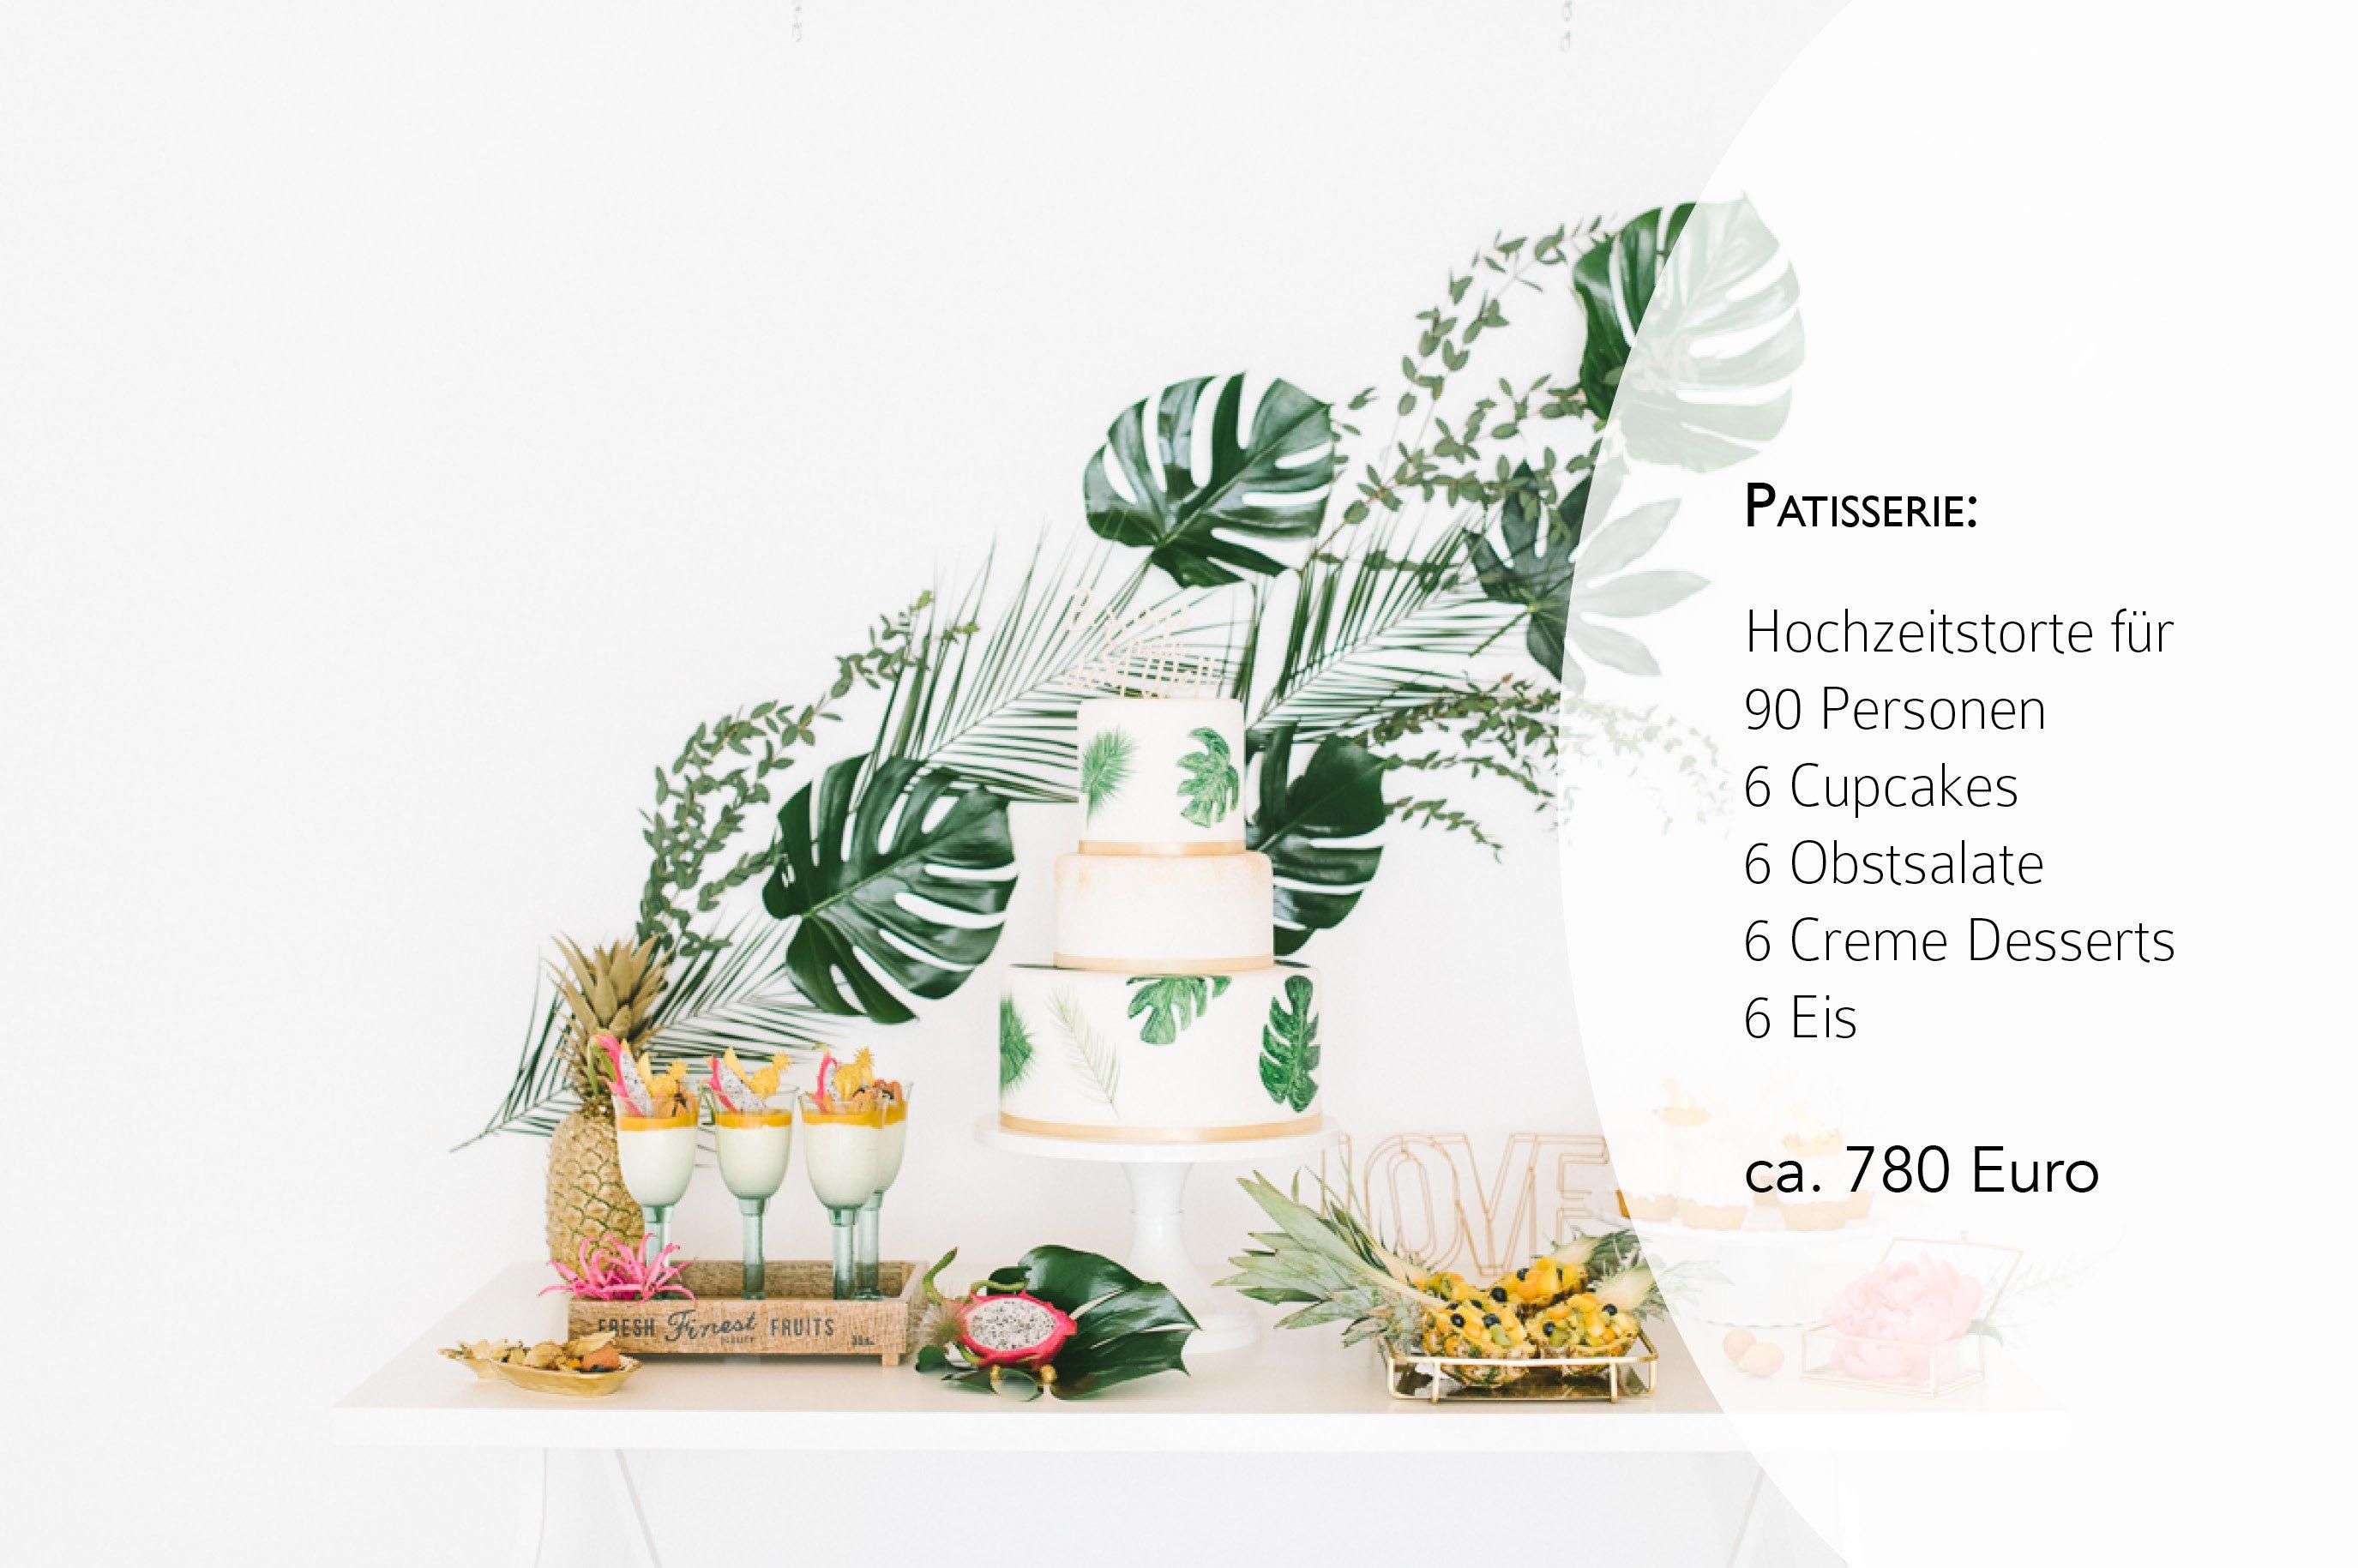 Preise für Brautkleid, Hochzeitstorte und Papeterie4